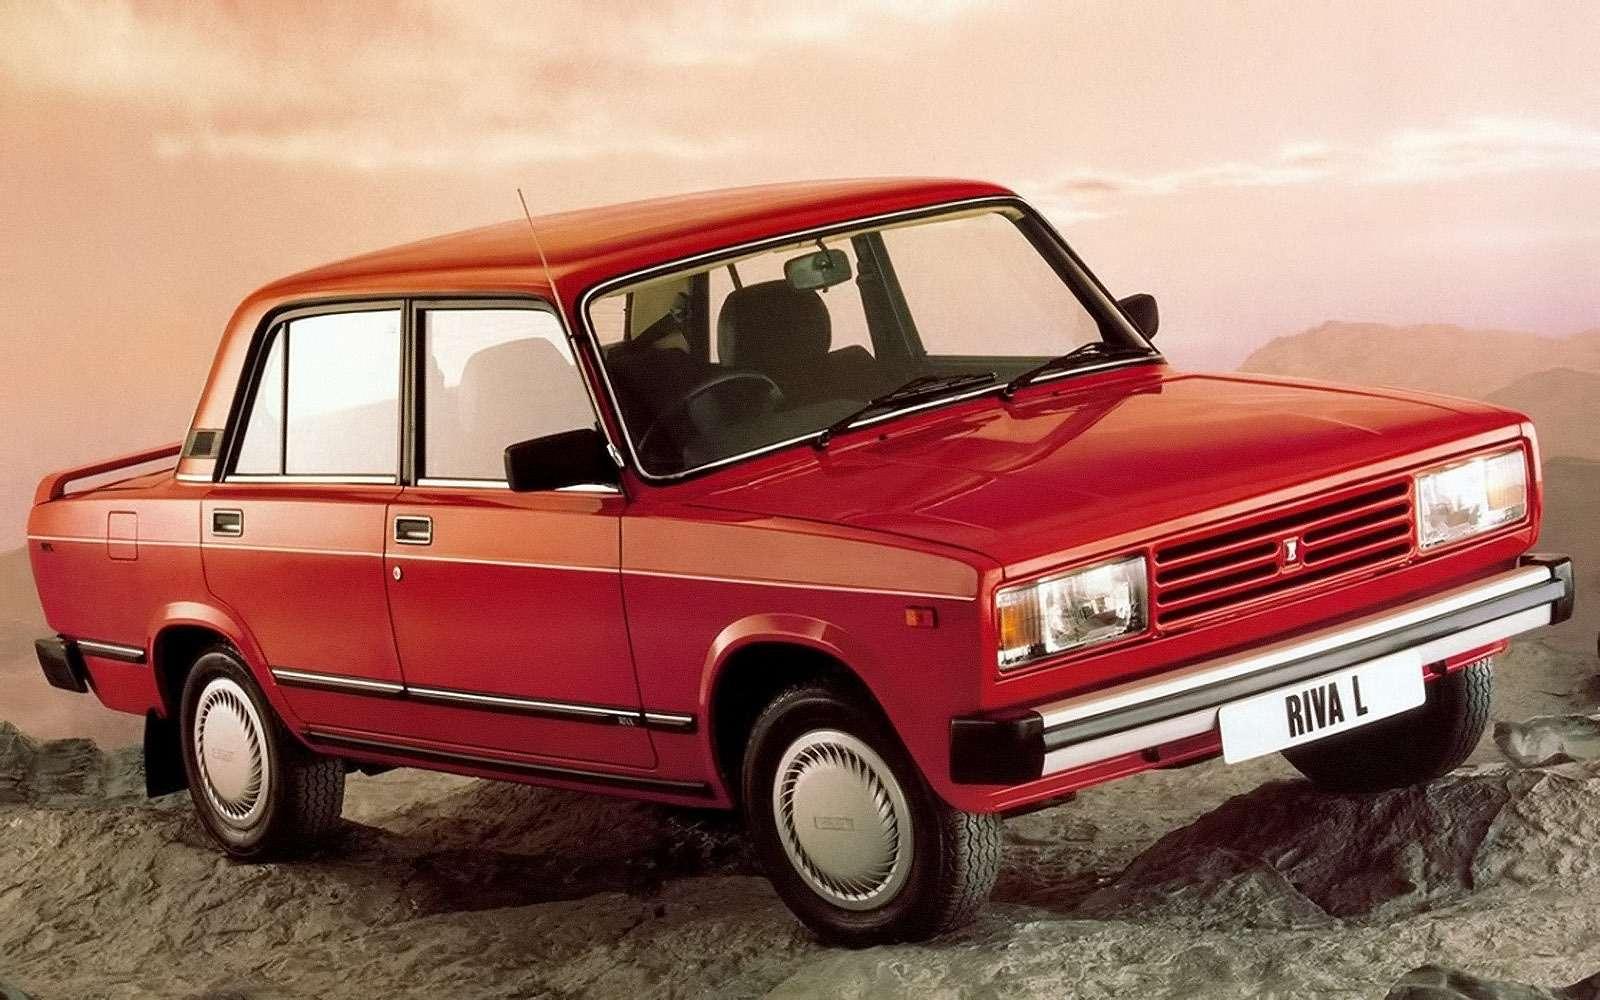 Советские автомобили, которые шли на экспорт — обзор — журнал За рулем c53844d9644